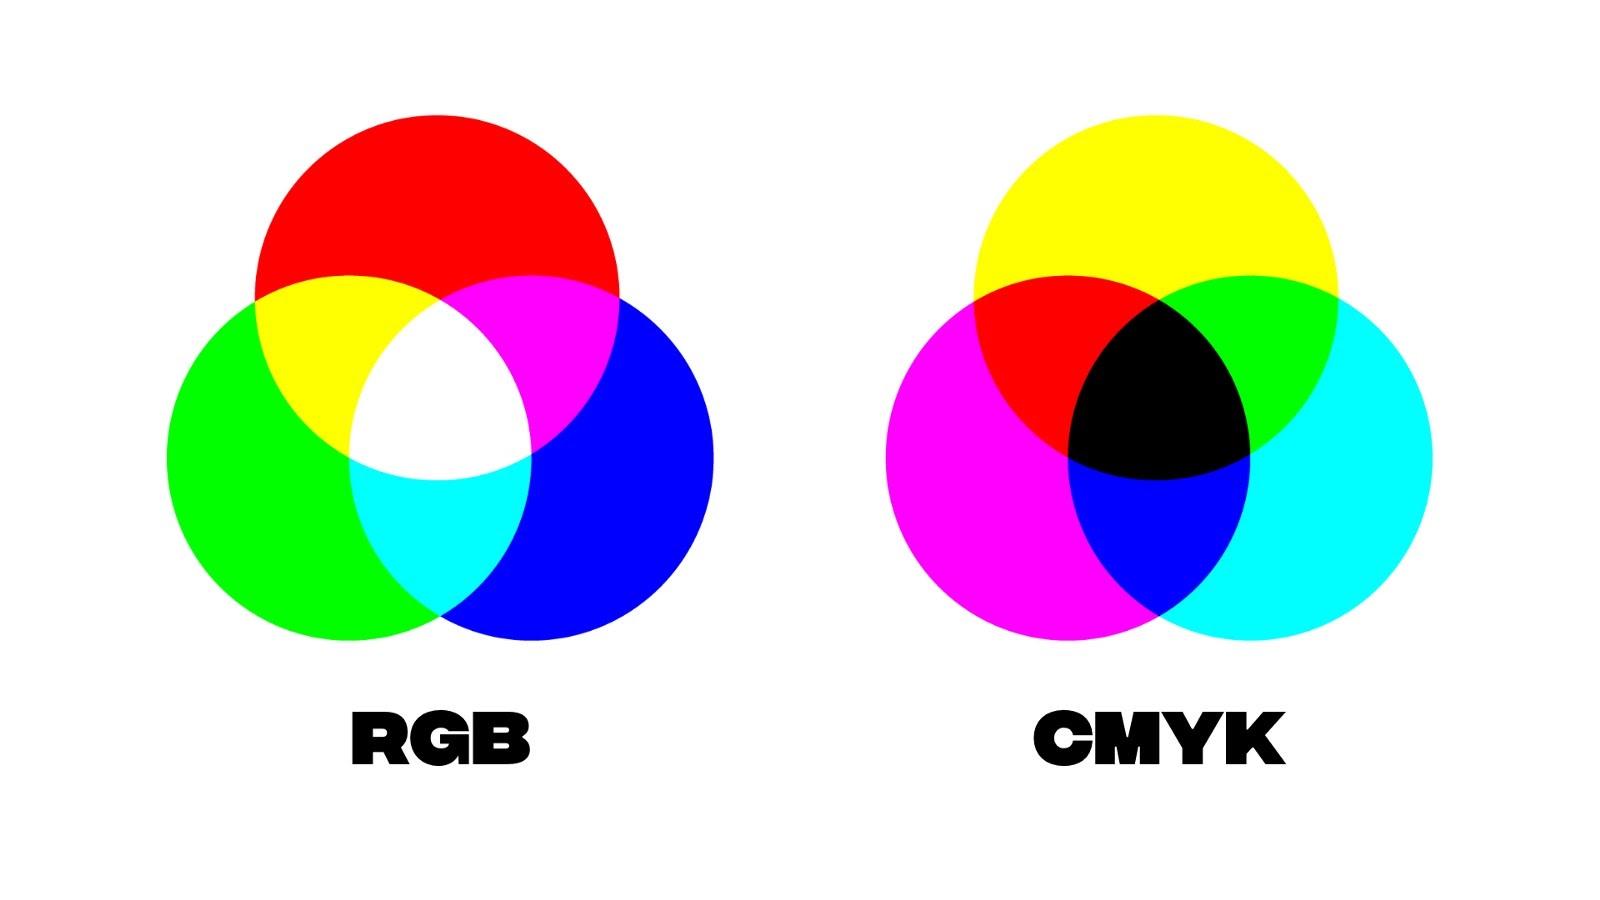 RGB vs CMYK color space